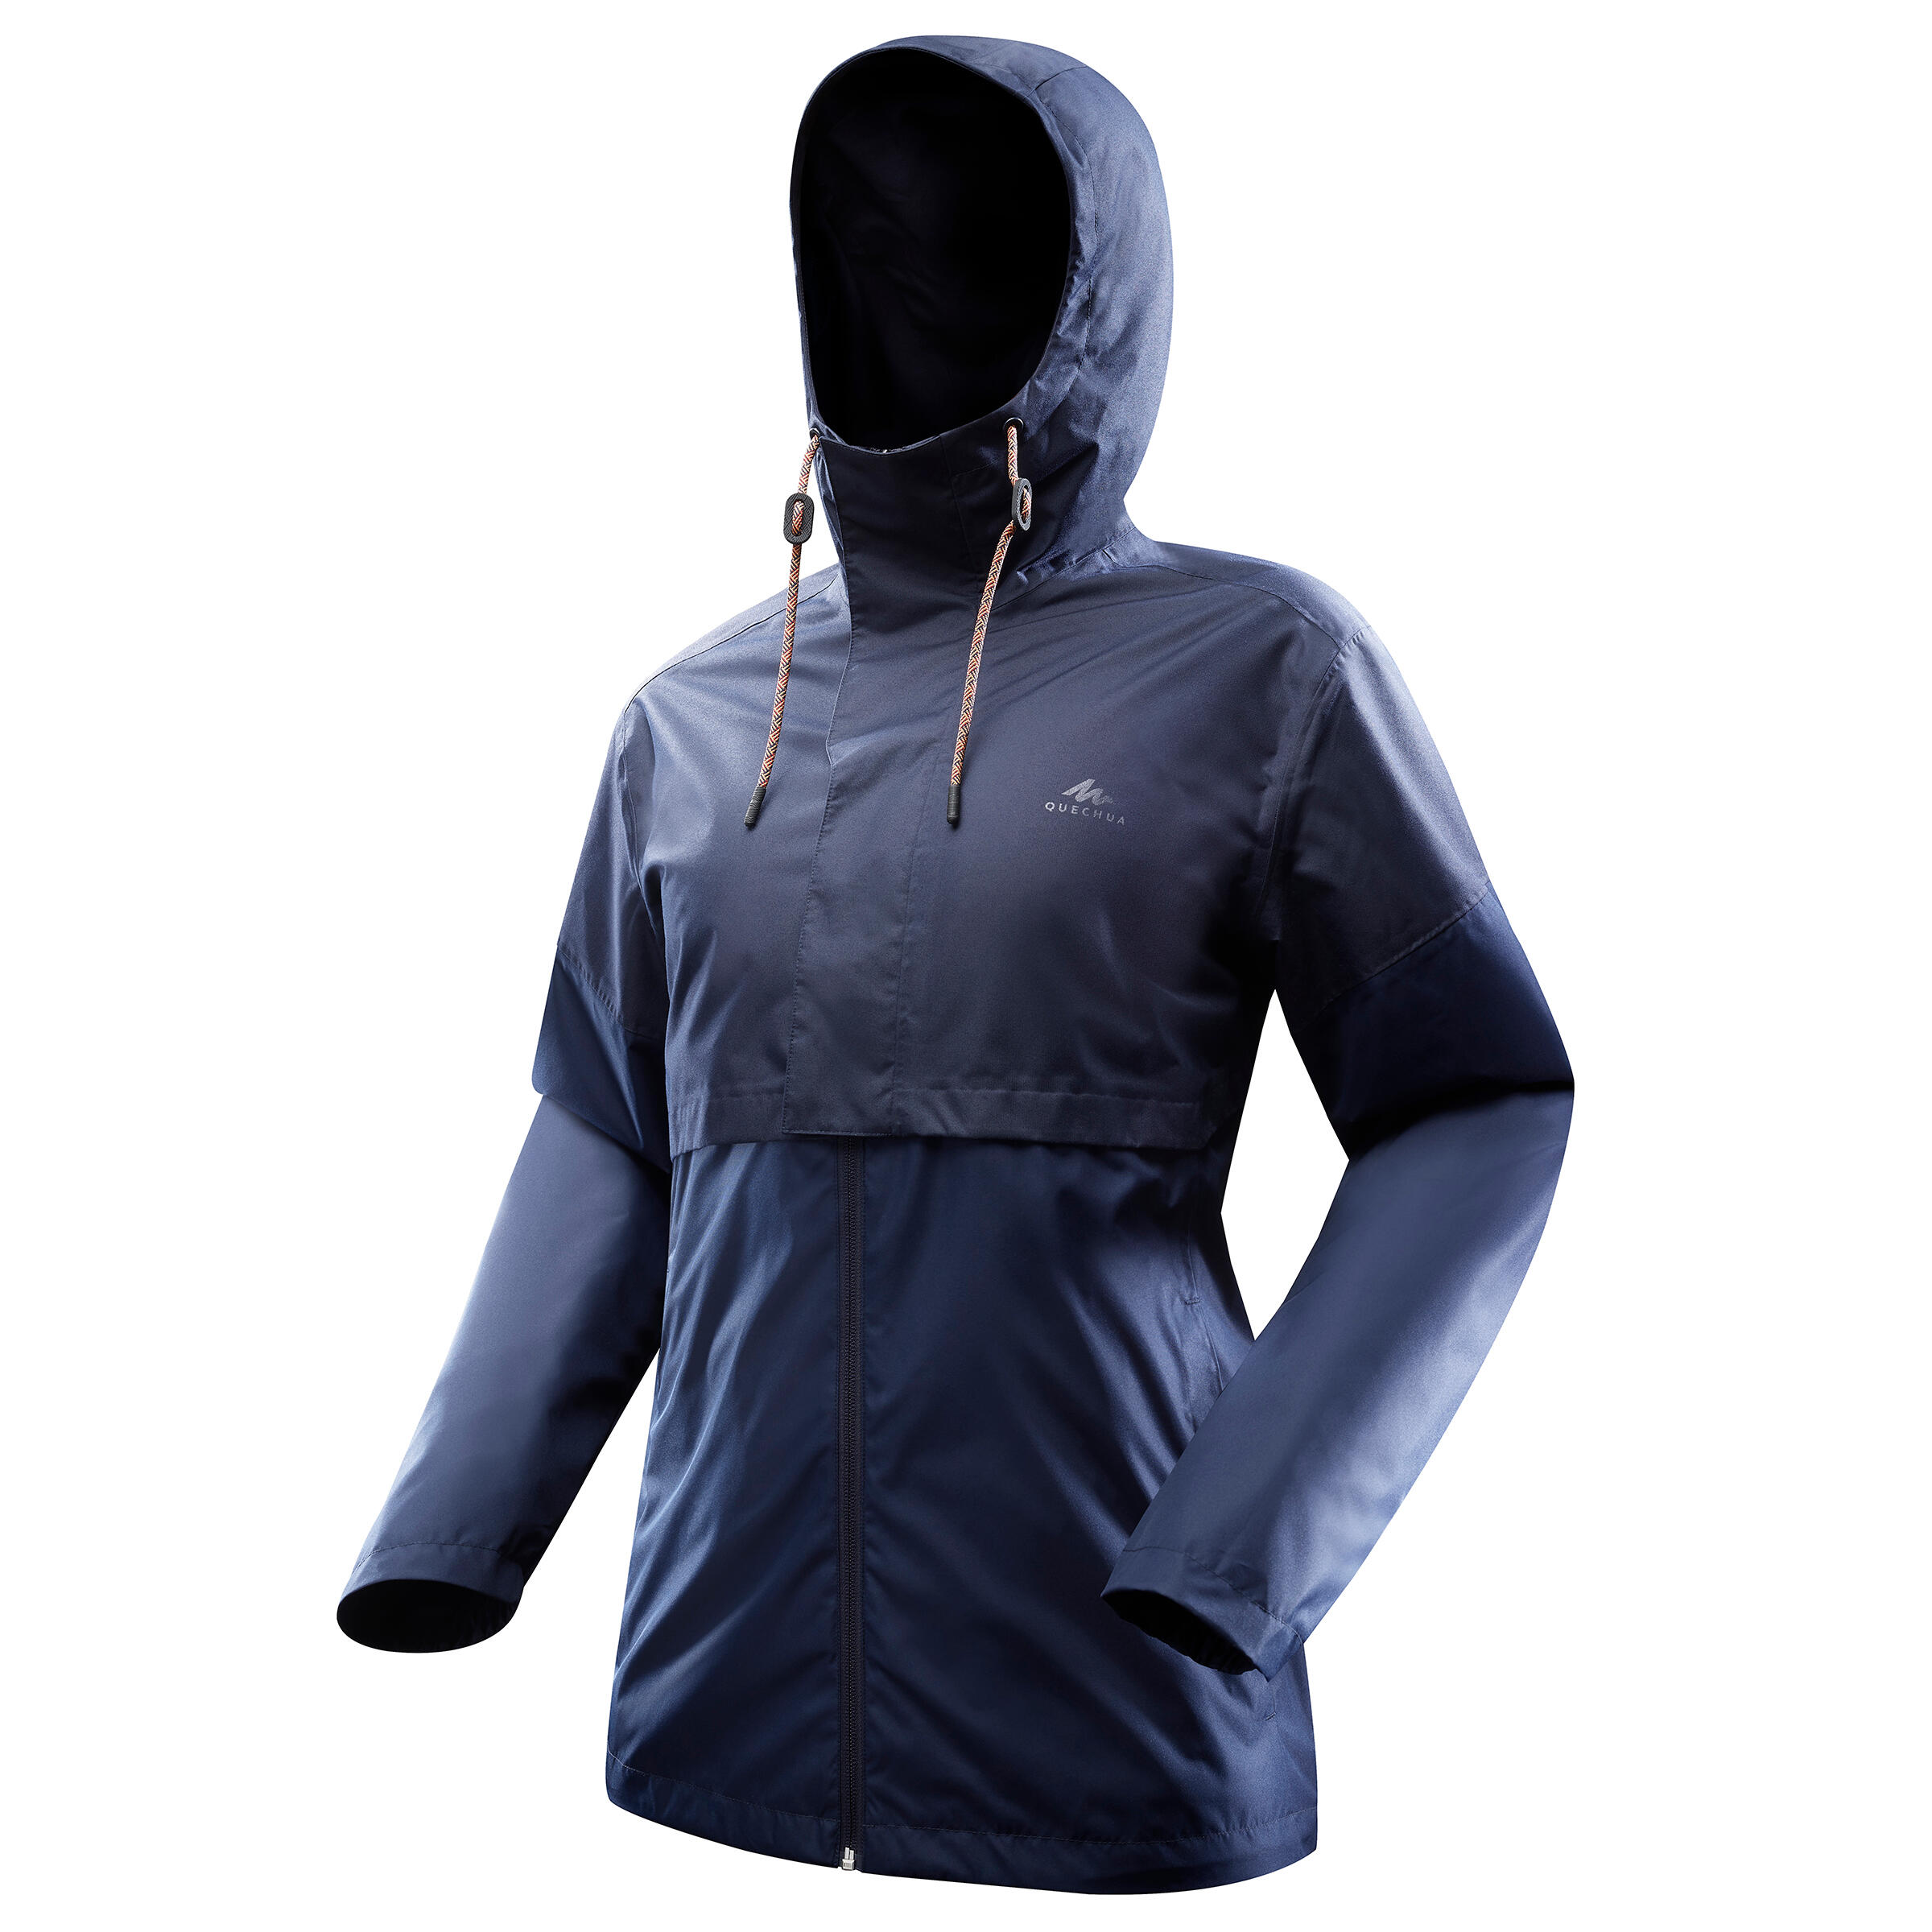 Regenjacke Outdoor Angeln Trekking Wandern Schwarz GroßEr Ausverkauf Sport